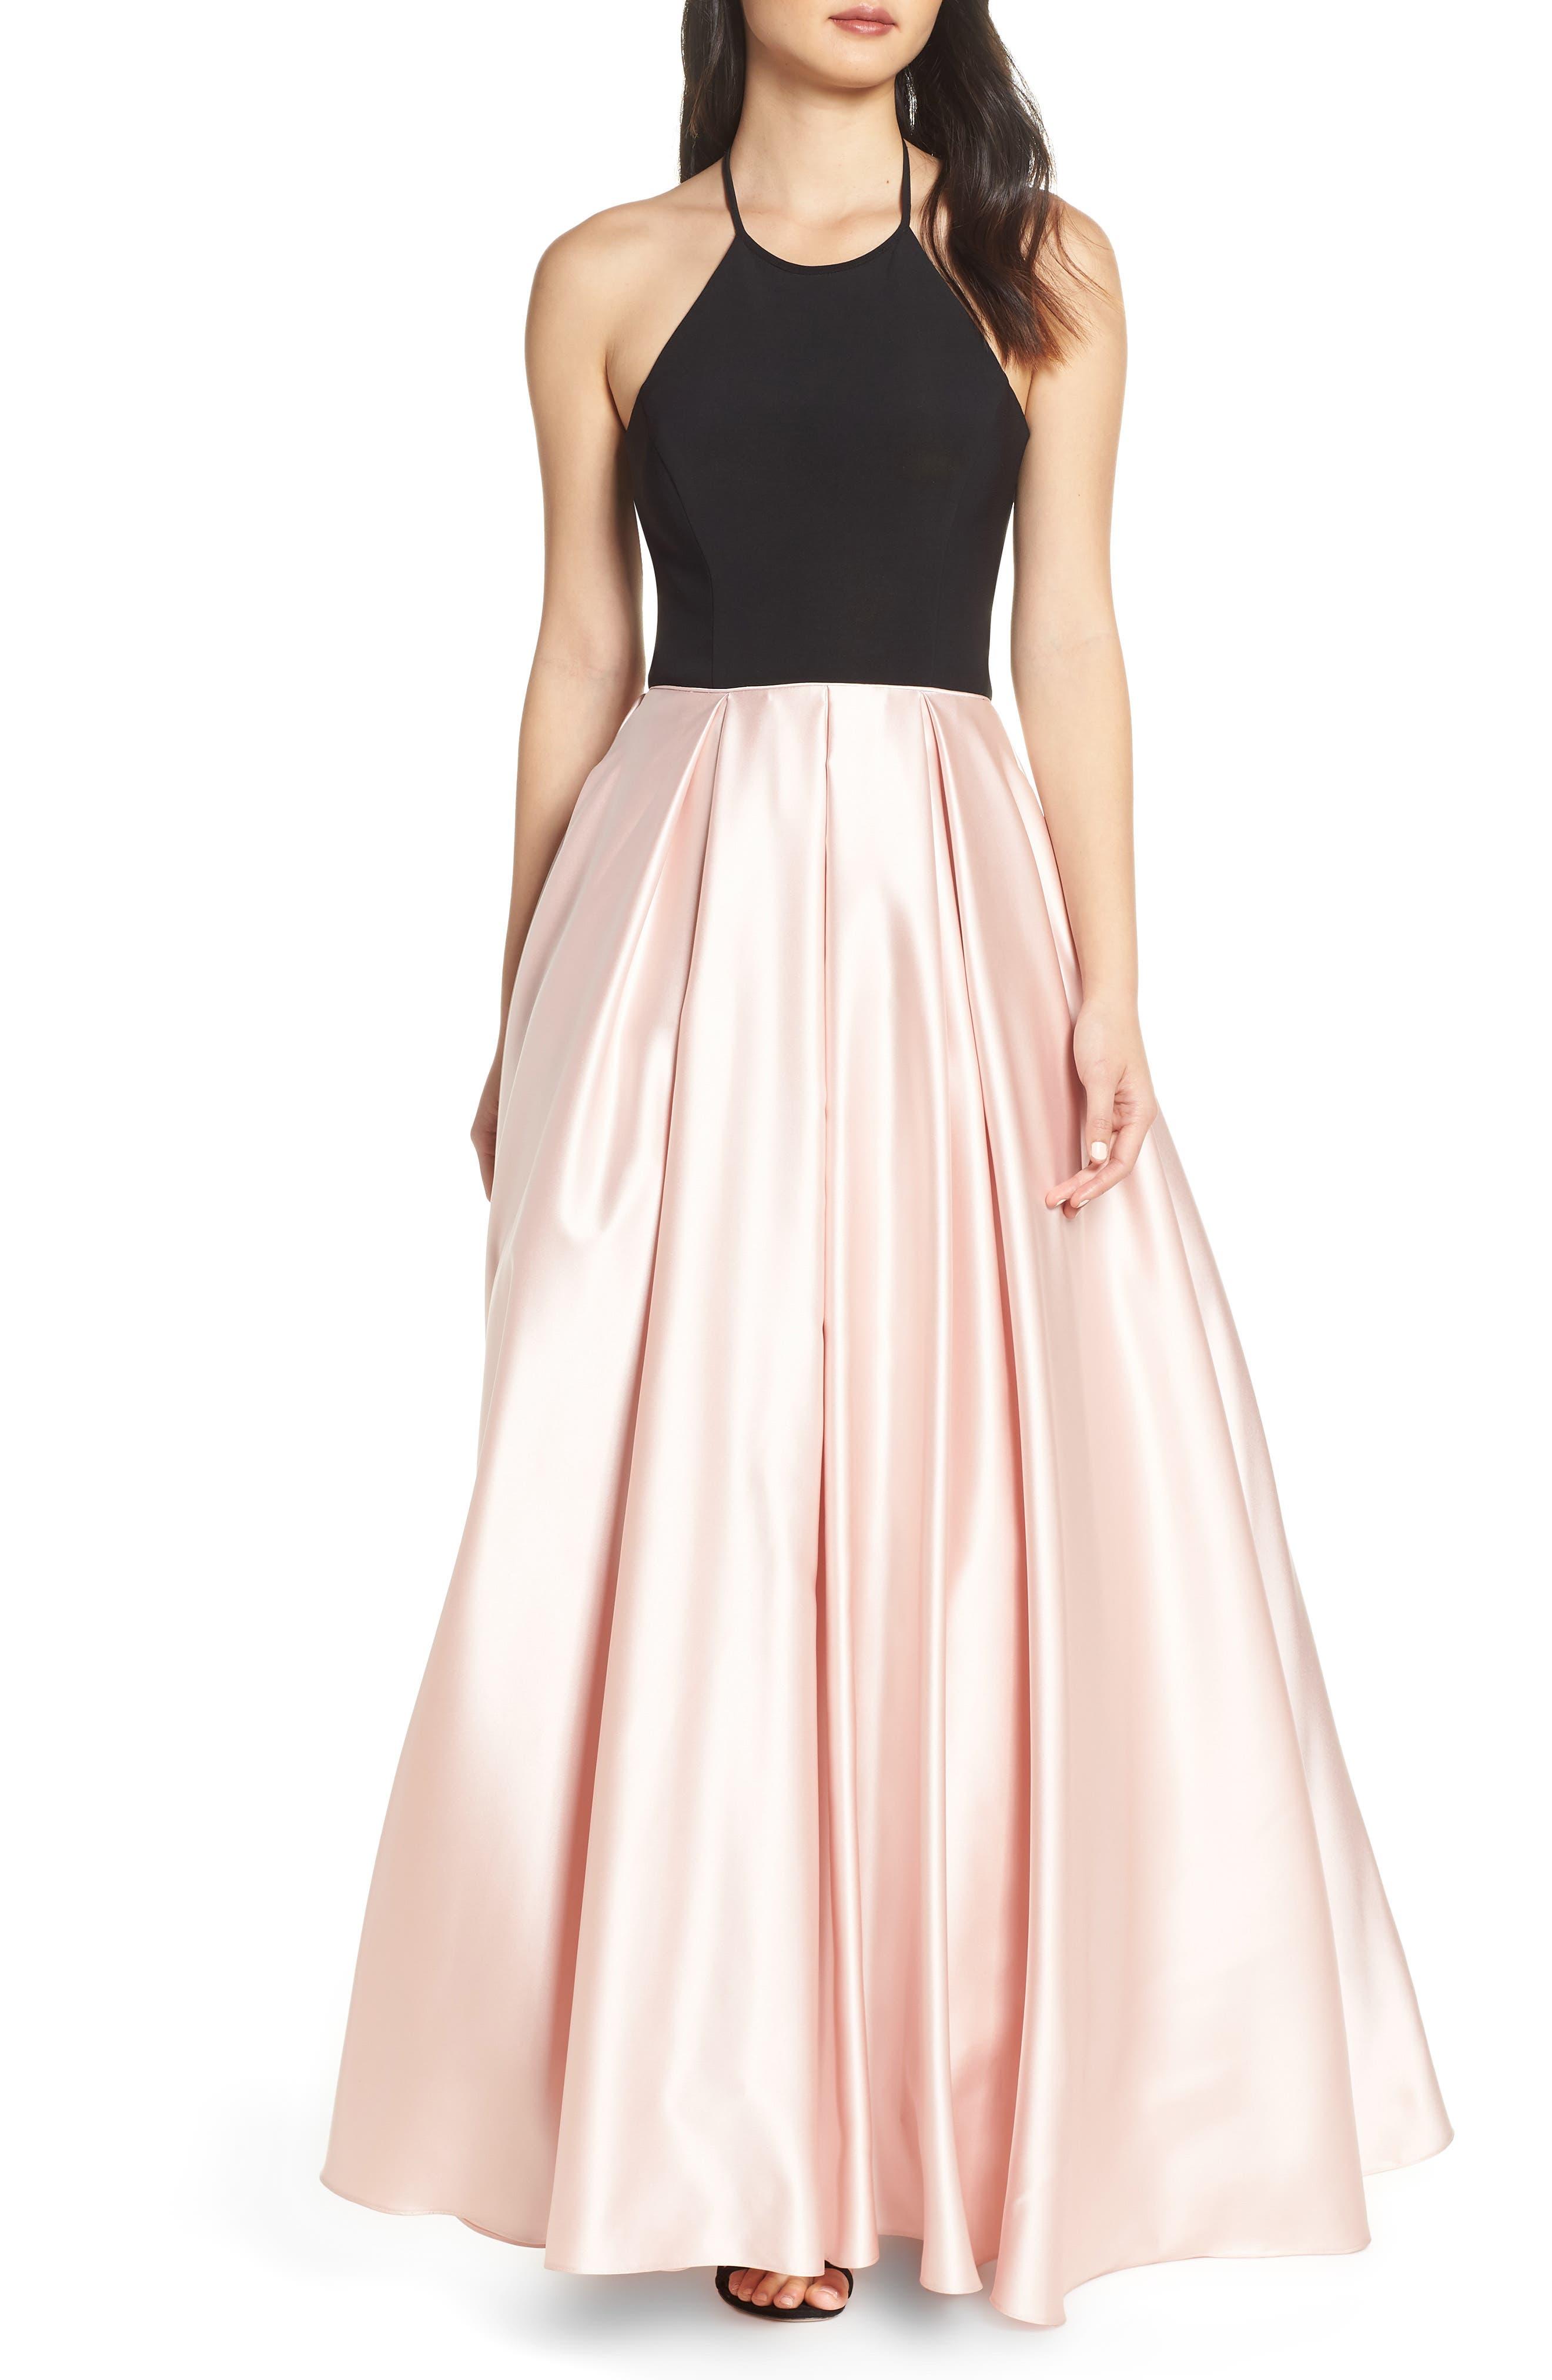 Blondie Nites Halter Satin Evening Gown, Beige